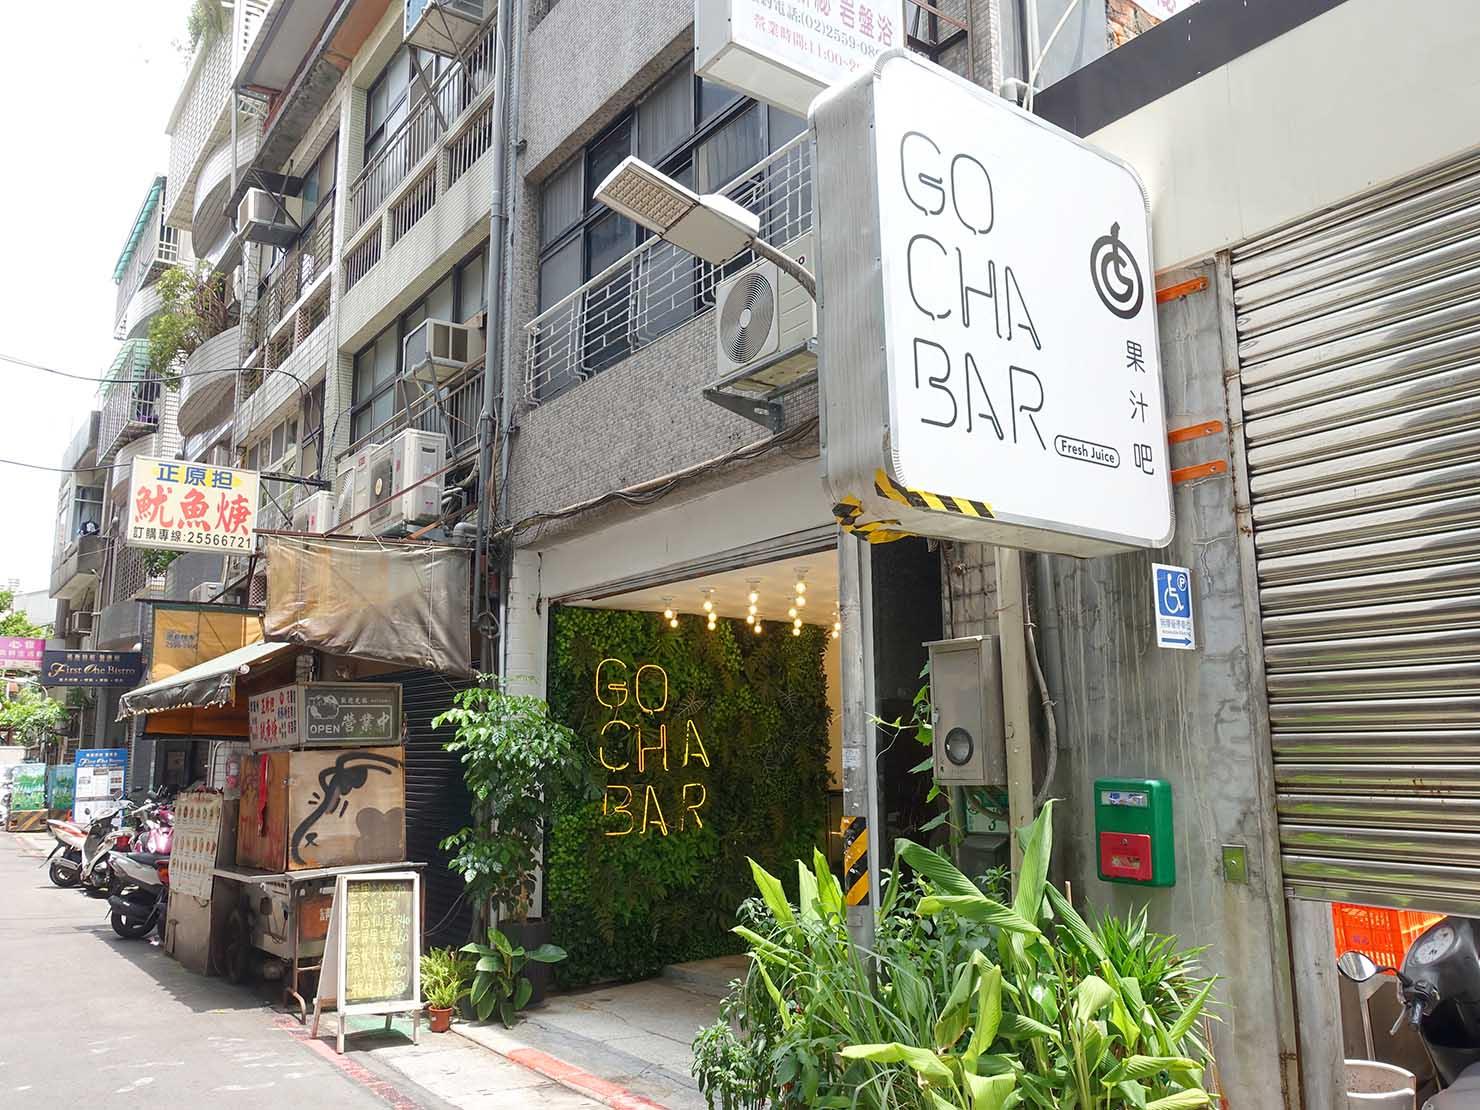 台北・中山エリアのおすすめドリンクバー「GOCHA BAR」の外観